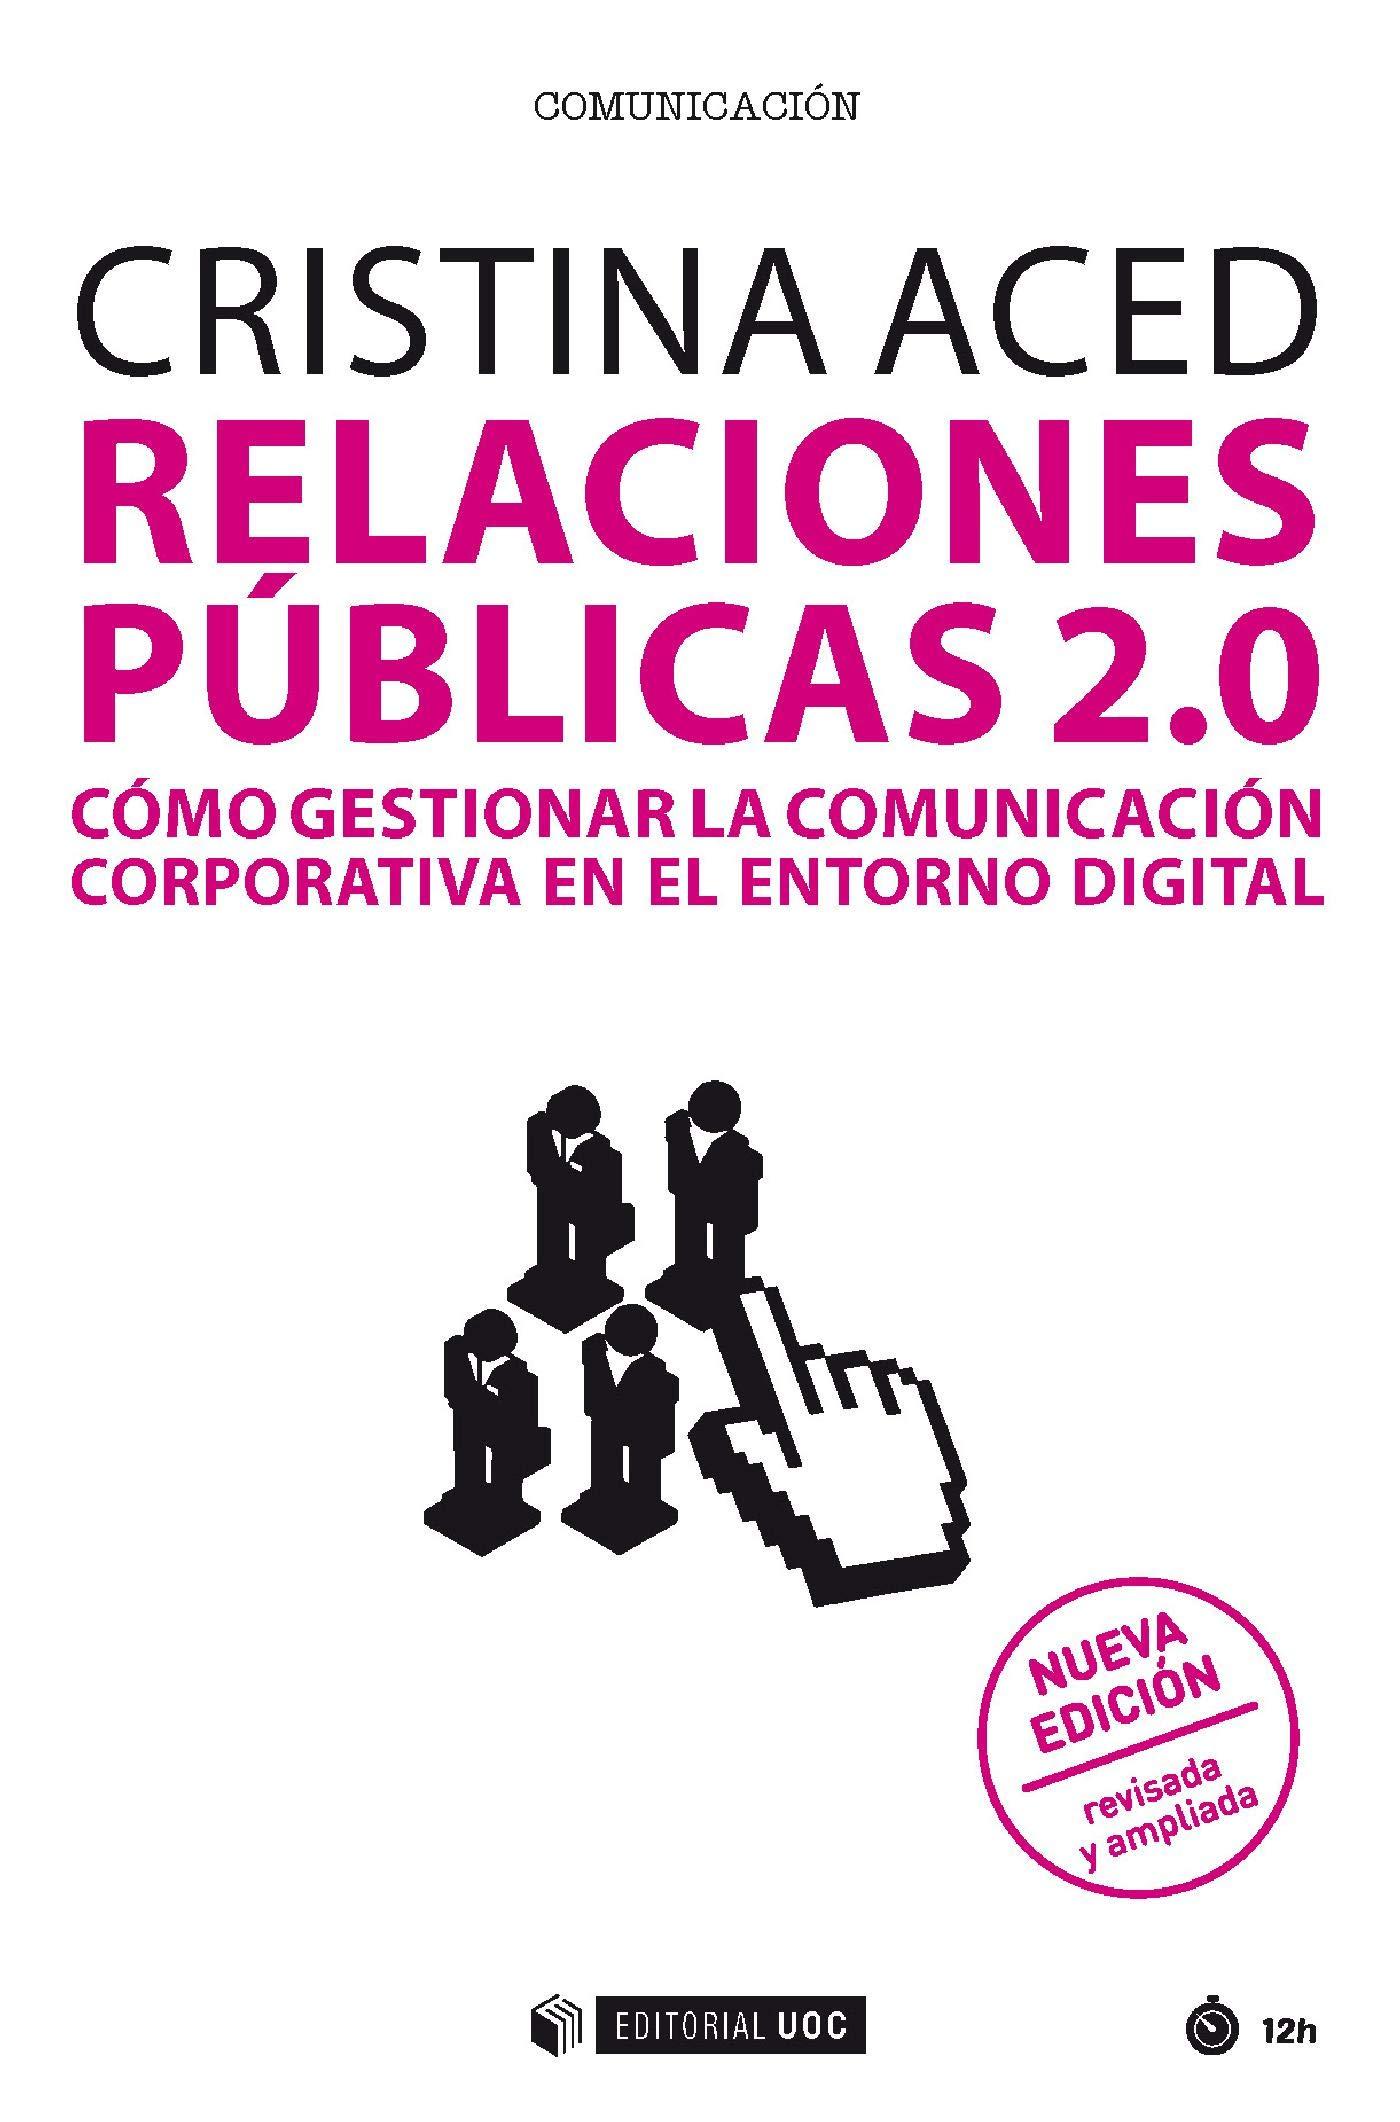 Relaciones públicas 2.0. (nueva edición revisada y ampliada). Cómo gestionar la comunicación corporativa en el entorno digital (Manuales) (Spanish Edition)